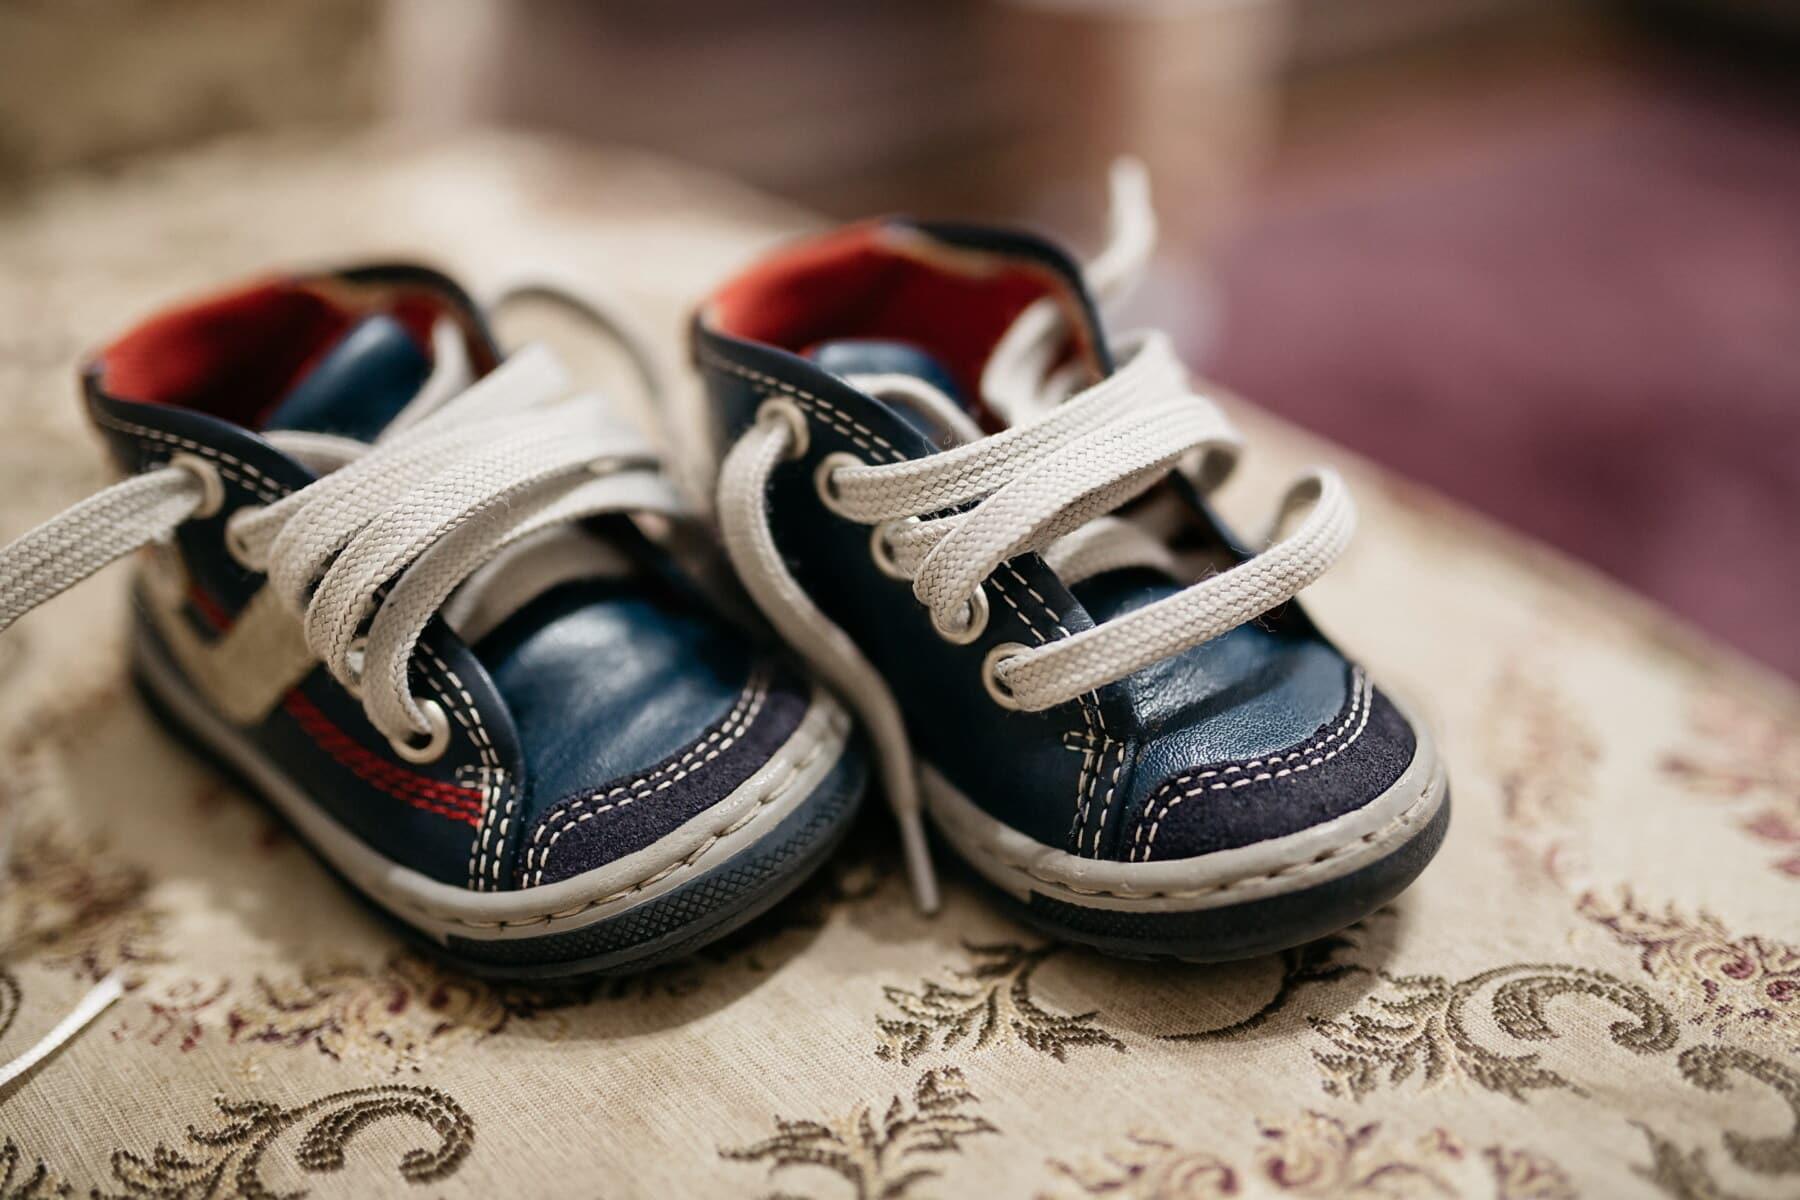 giày thể thao, thu nhỏ, em bé, dây giày, da, giày dép, thời trang, Cặp, bao gồm, cũ